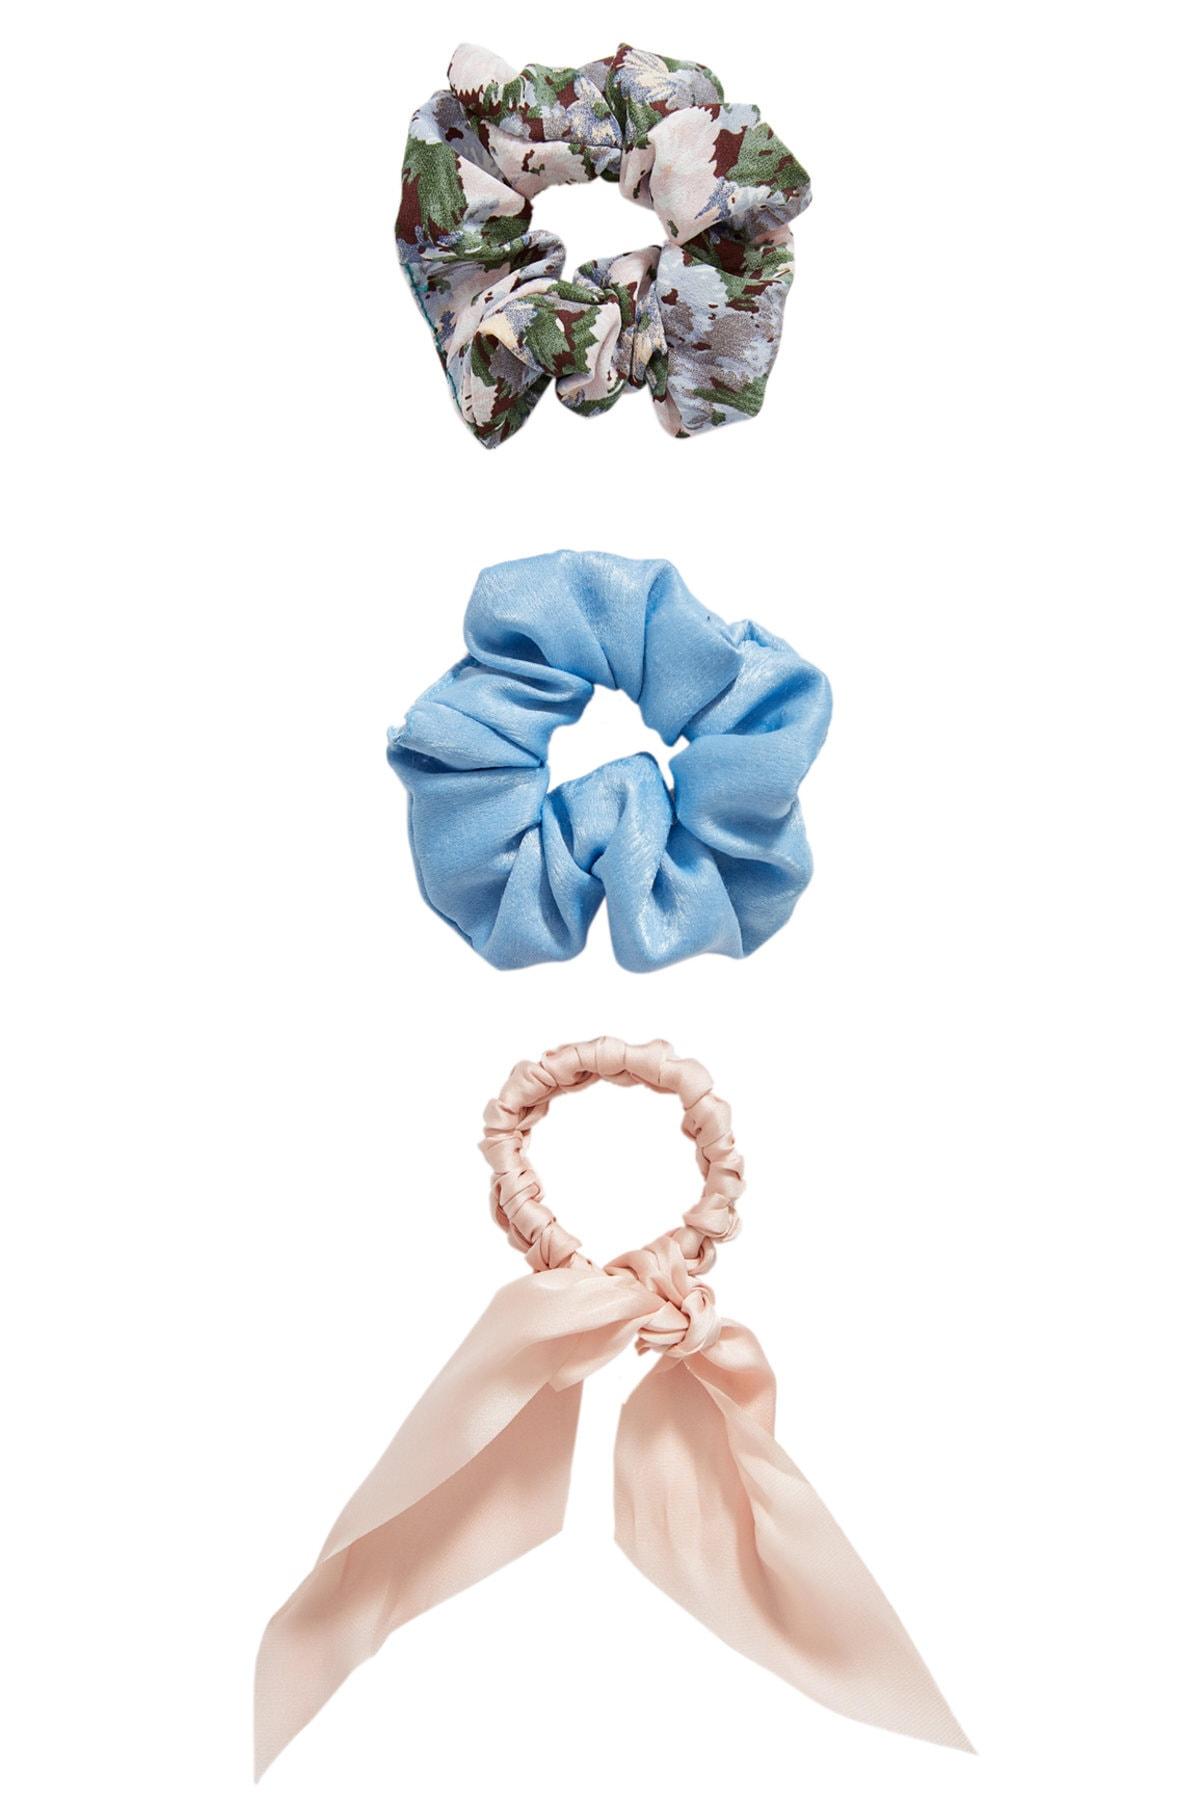 Stradivarius Kadın Açık Mavi 3'Lü Çiçek Desenli Saç Lastiği Paketi 00239009 1